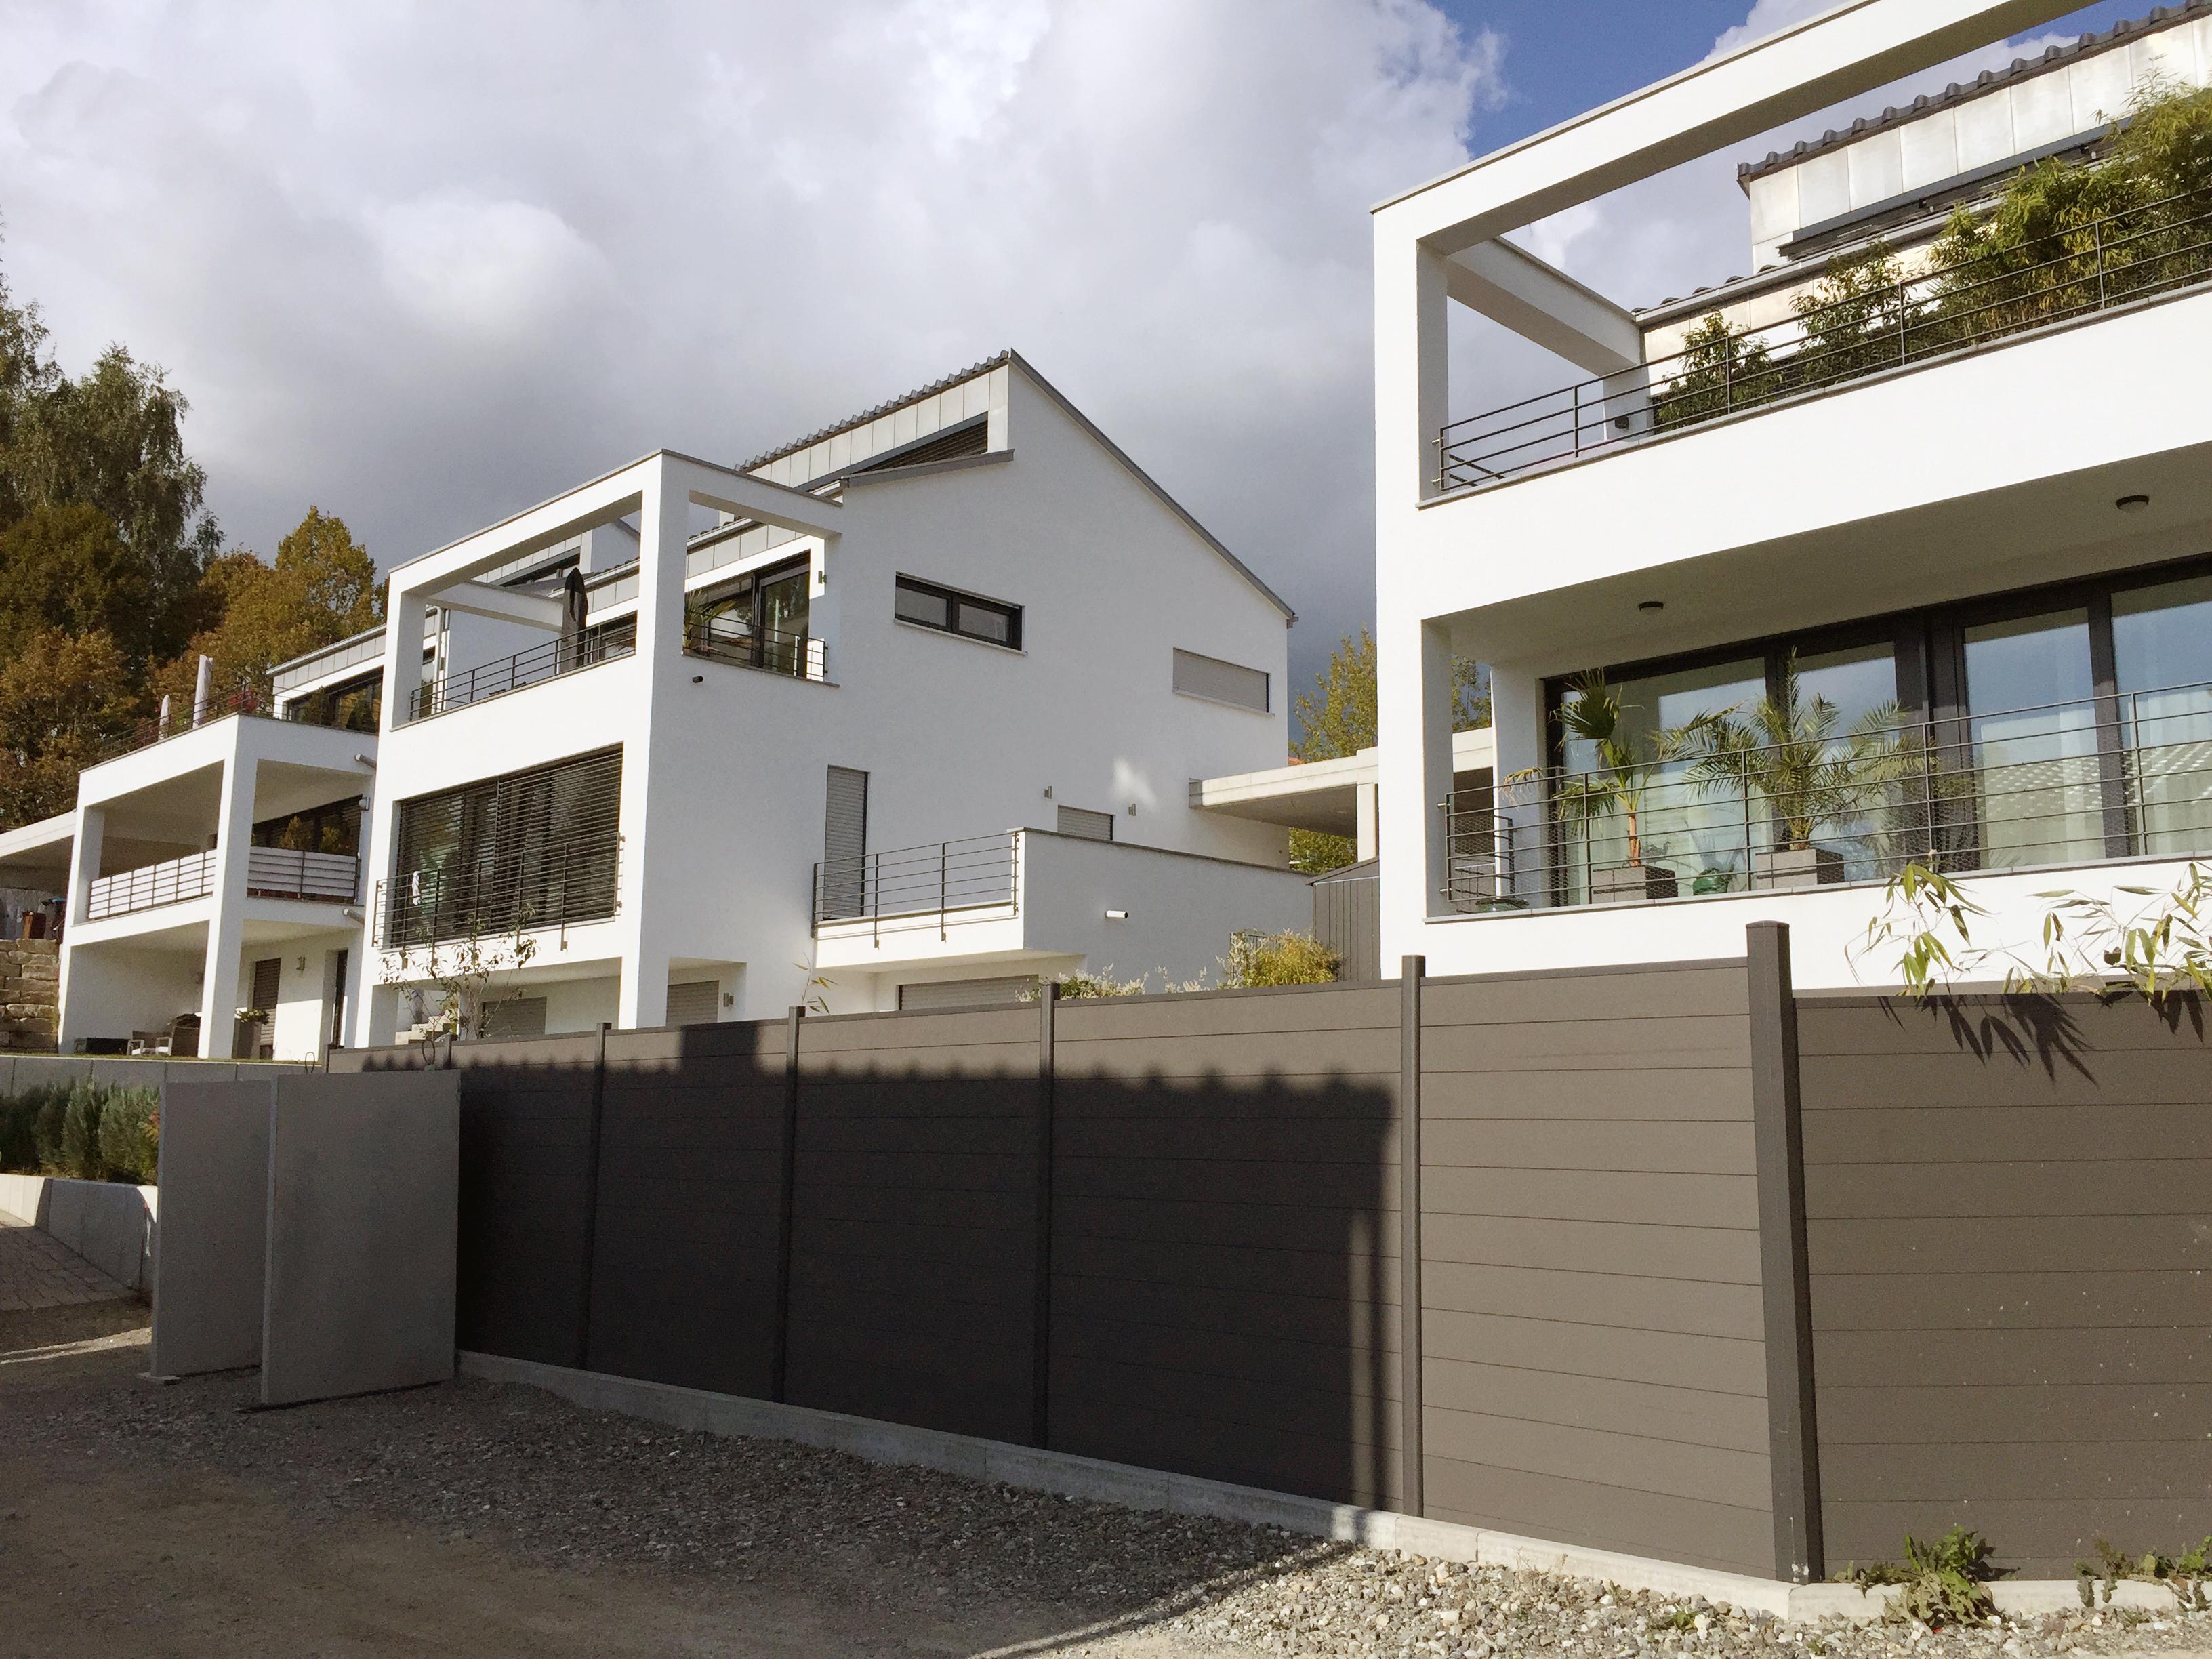 Ensemble von 6 Einfamilienhäusern mit Seesicht